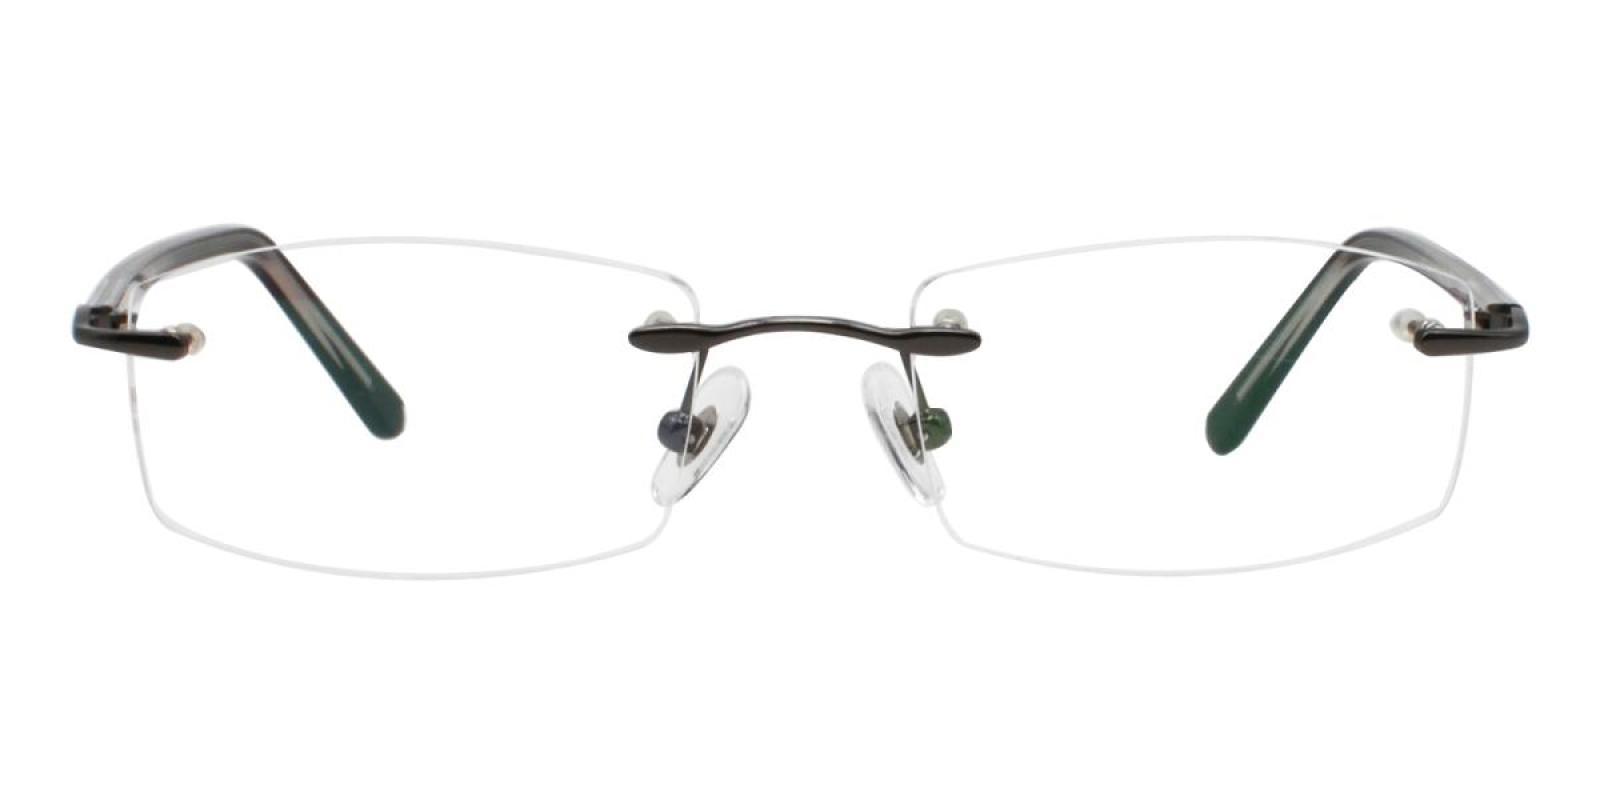 Billings-Gun-Varieties-Metal-Eyeglasses-additional2